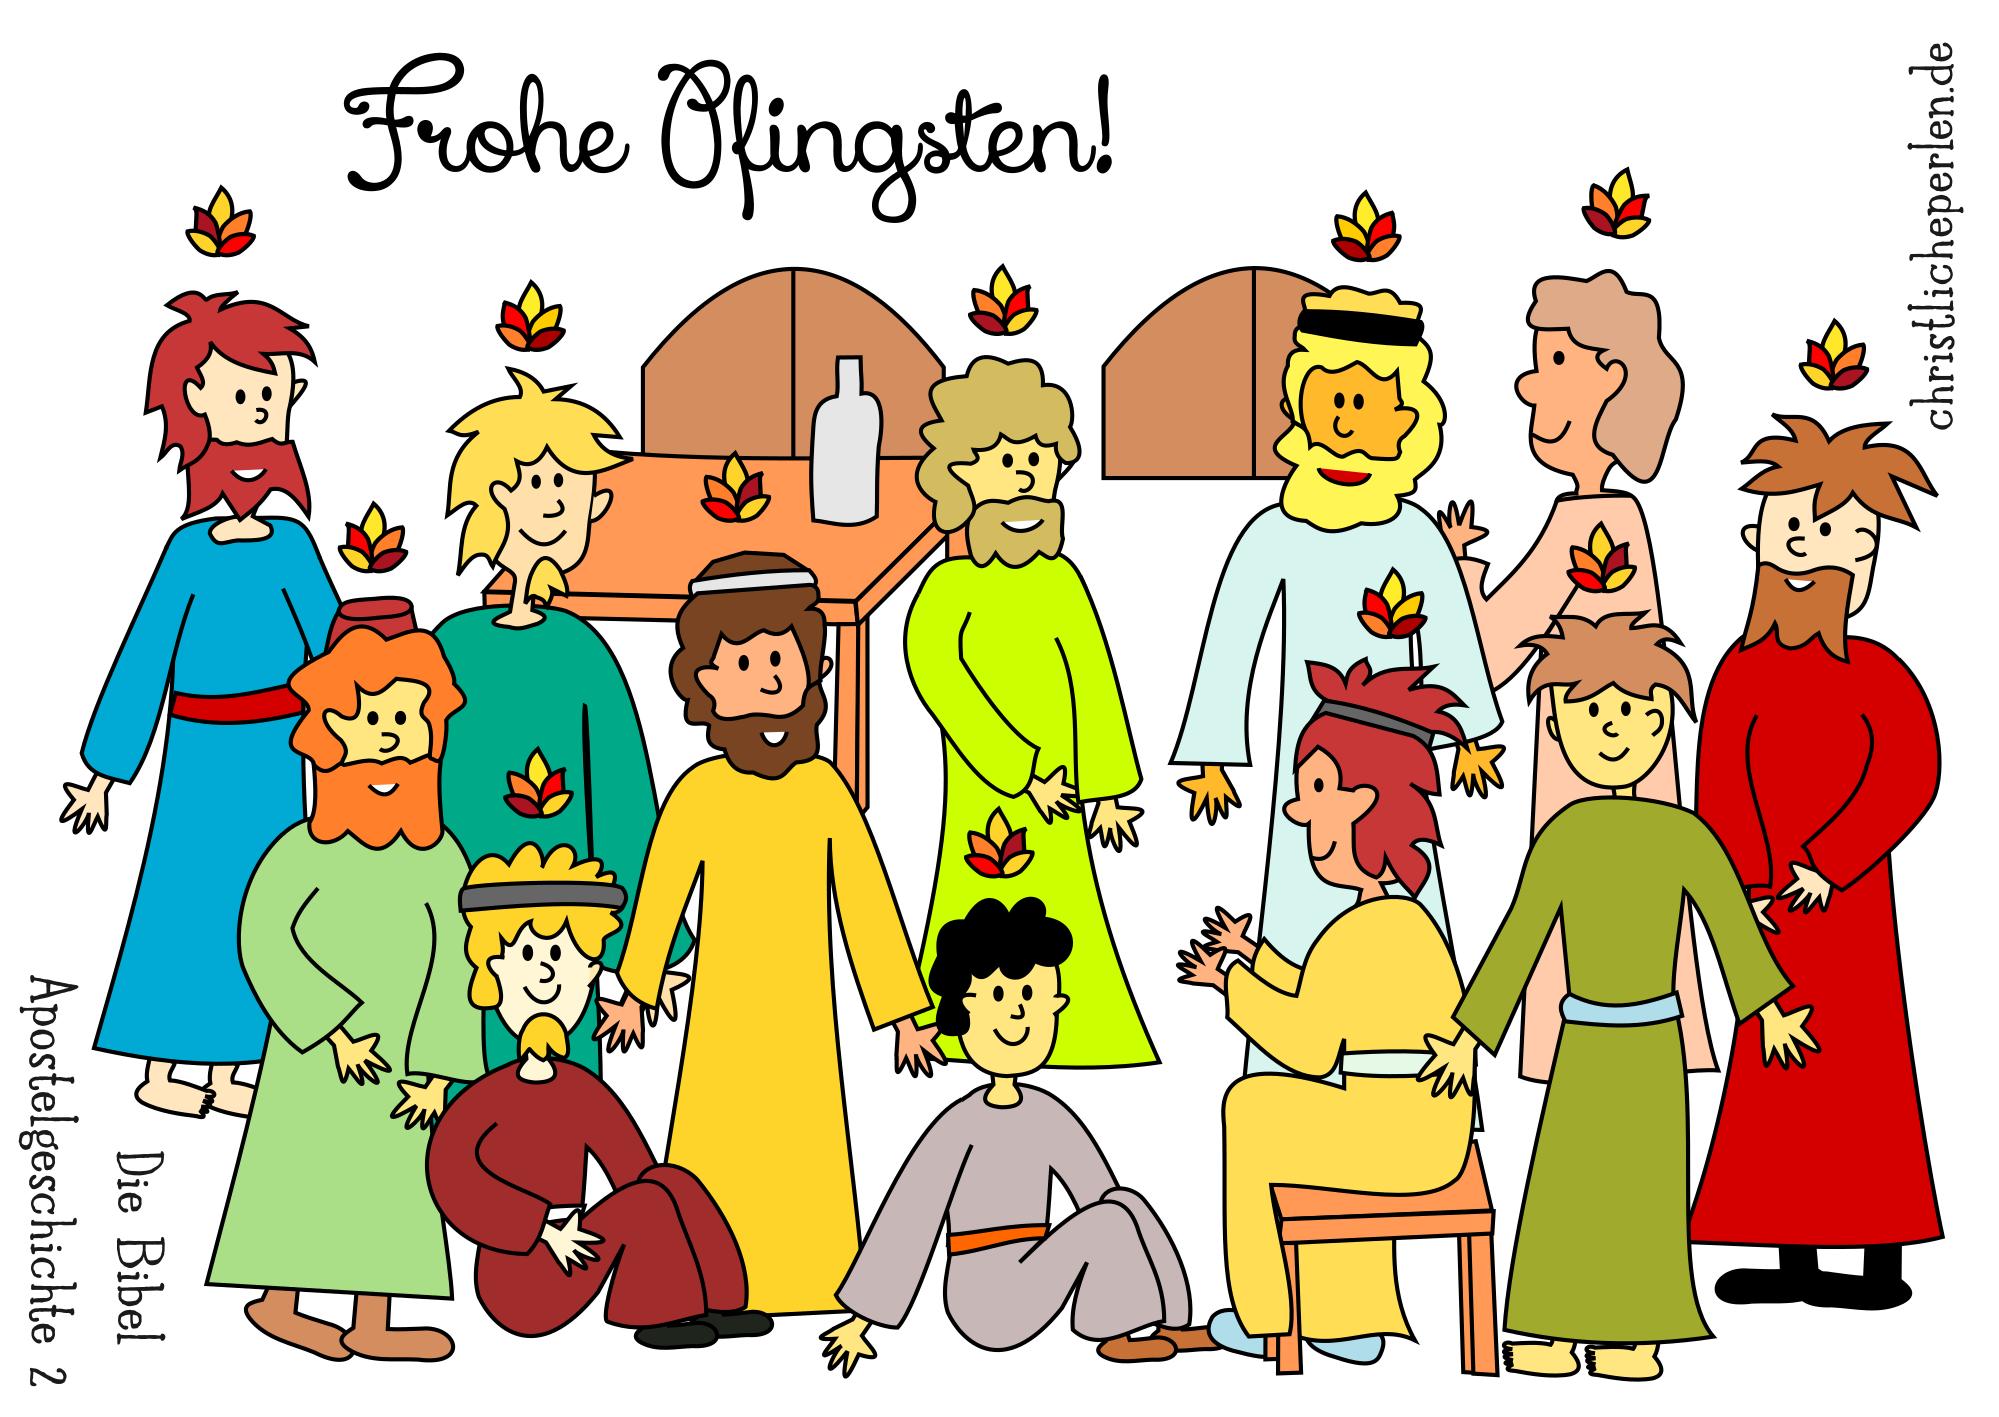 © www.christlicheperlen.wordpress.com/category/pfingsten/